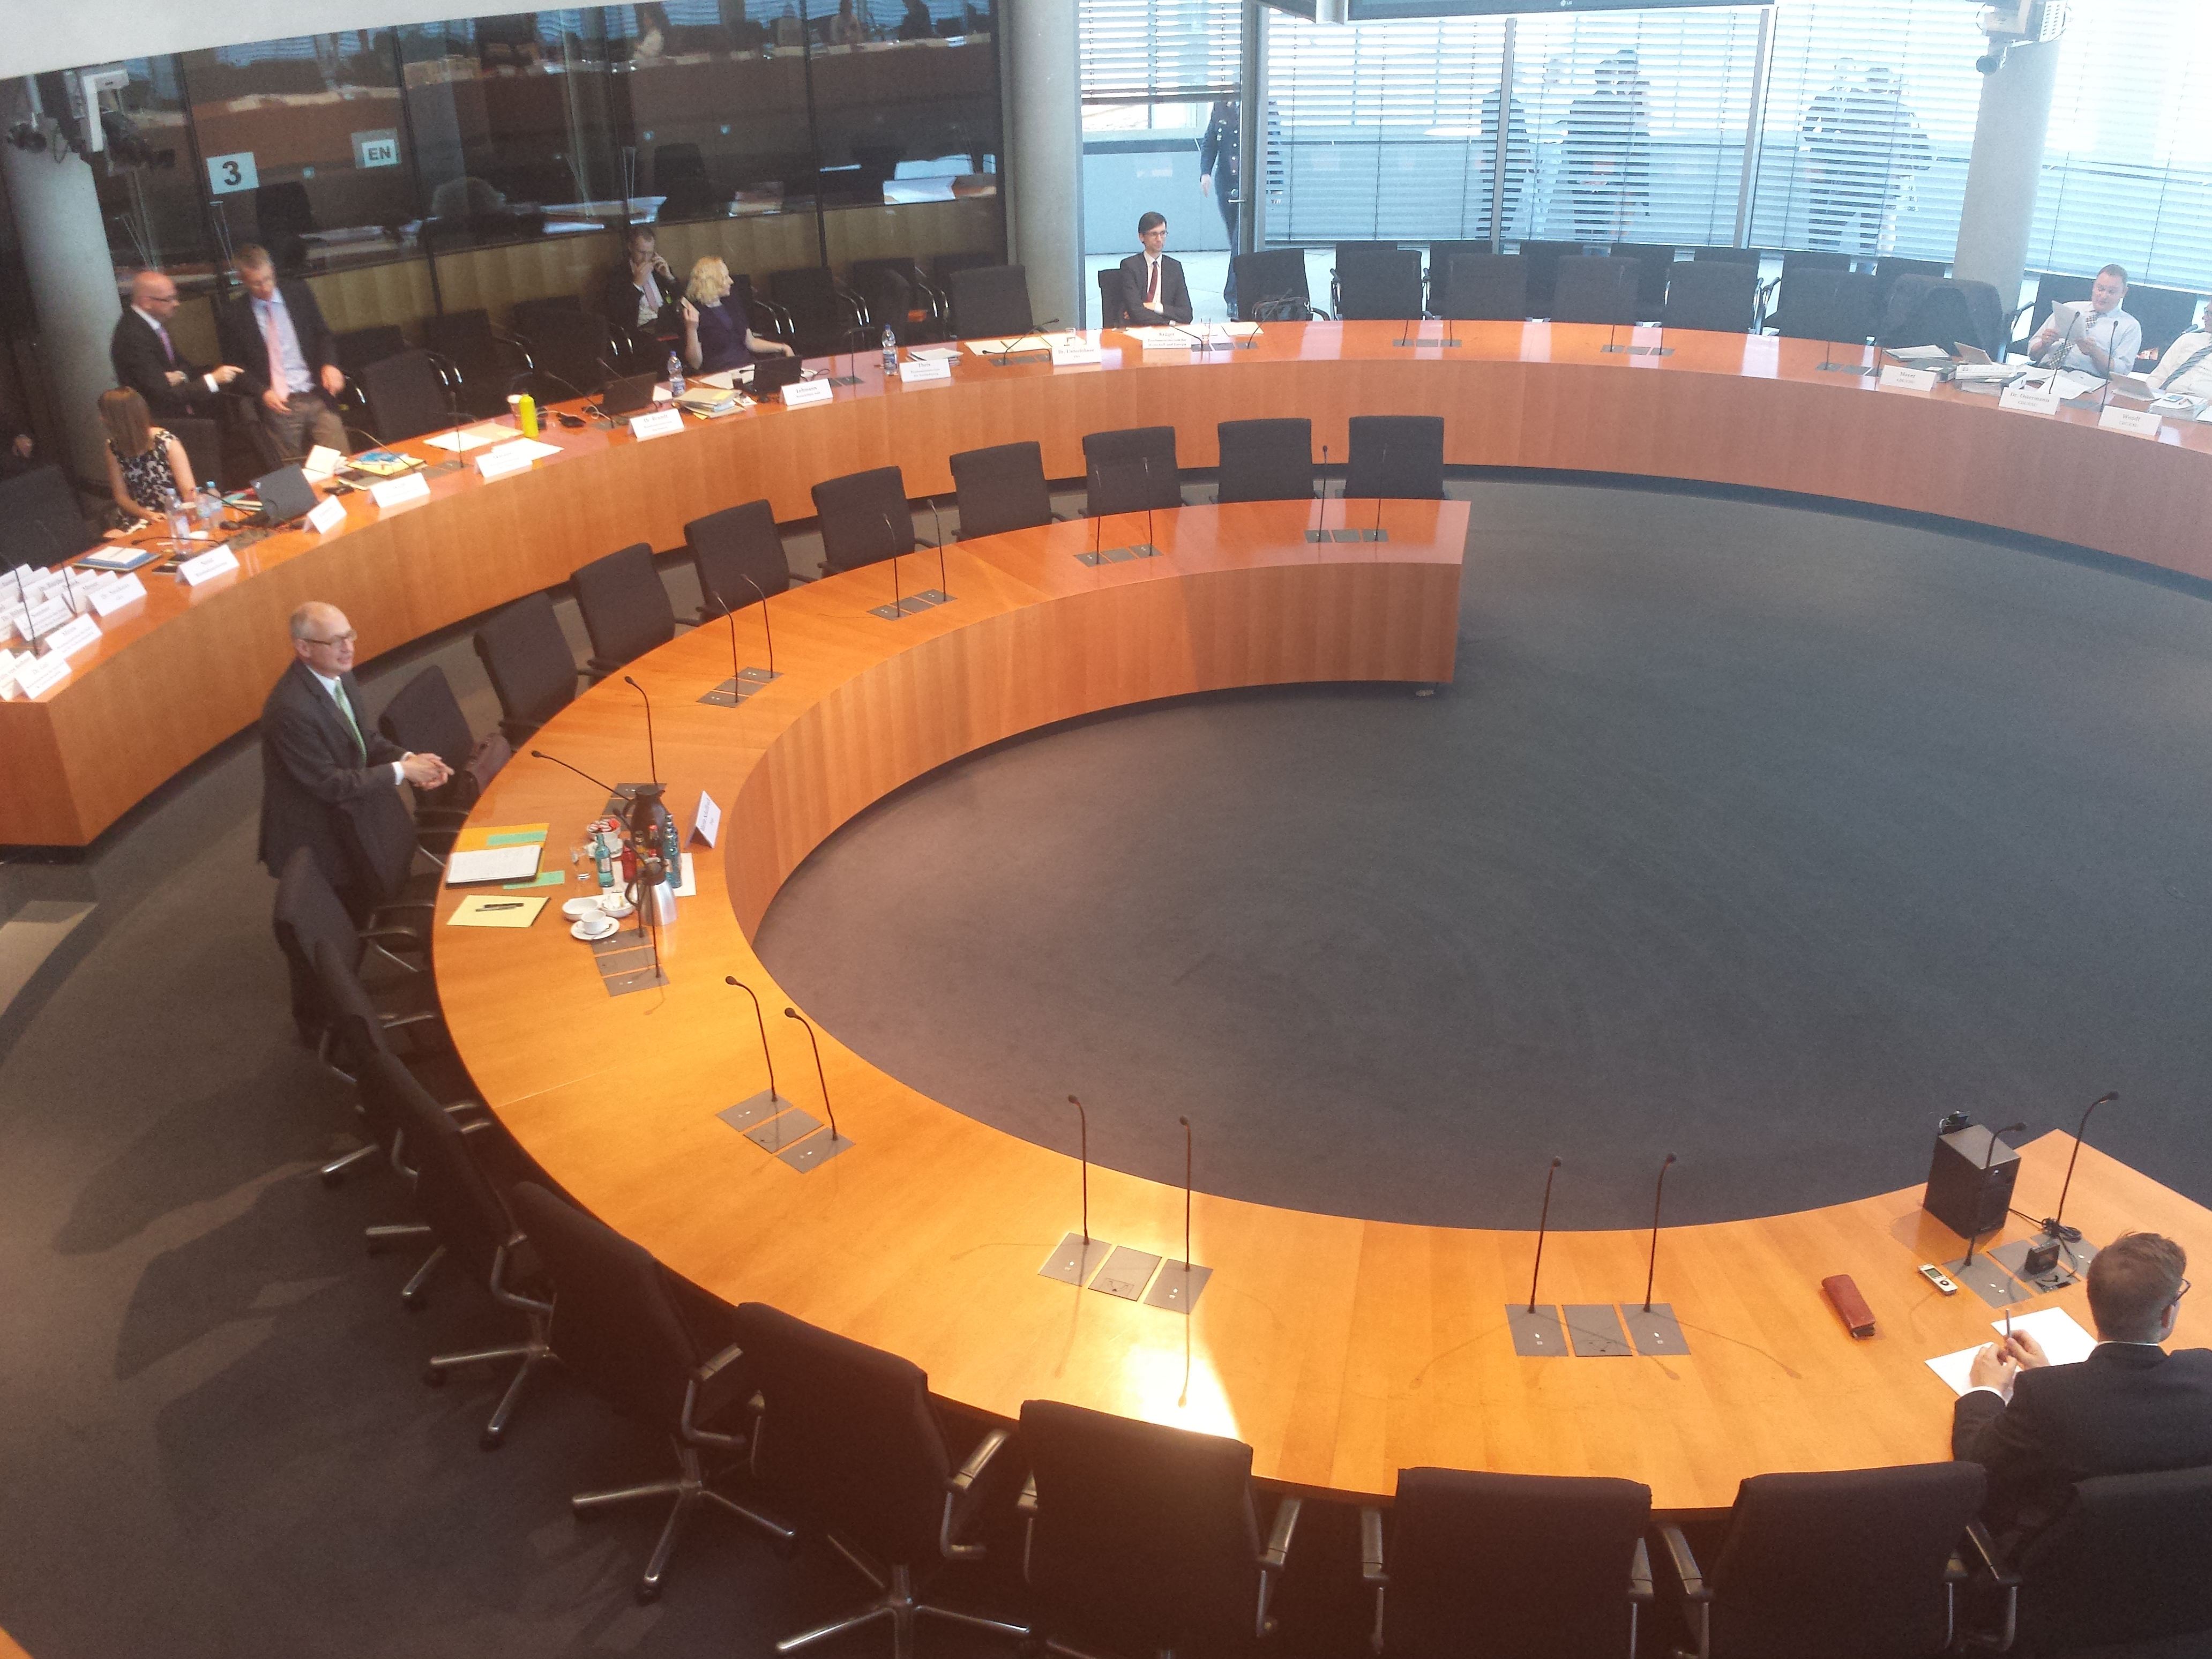 Zeuge Martin Schallbruch im Europasaal vor Beginn der Sitzung.